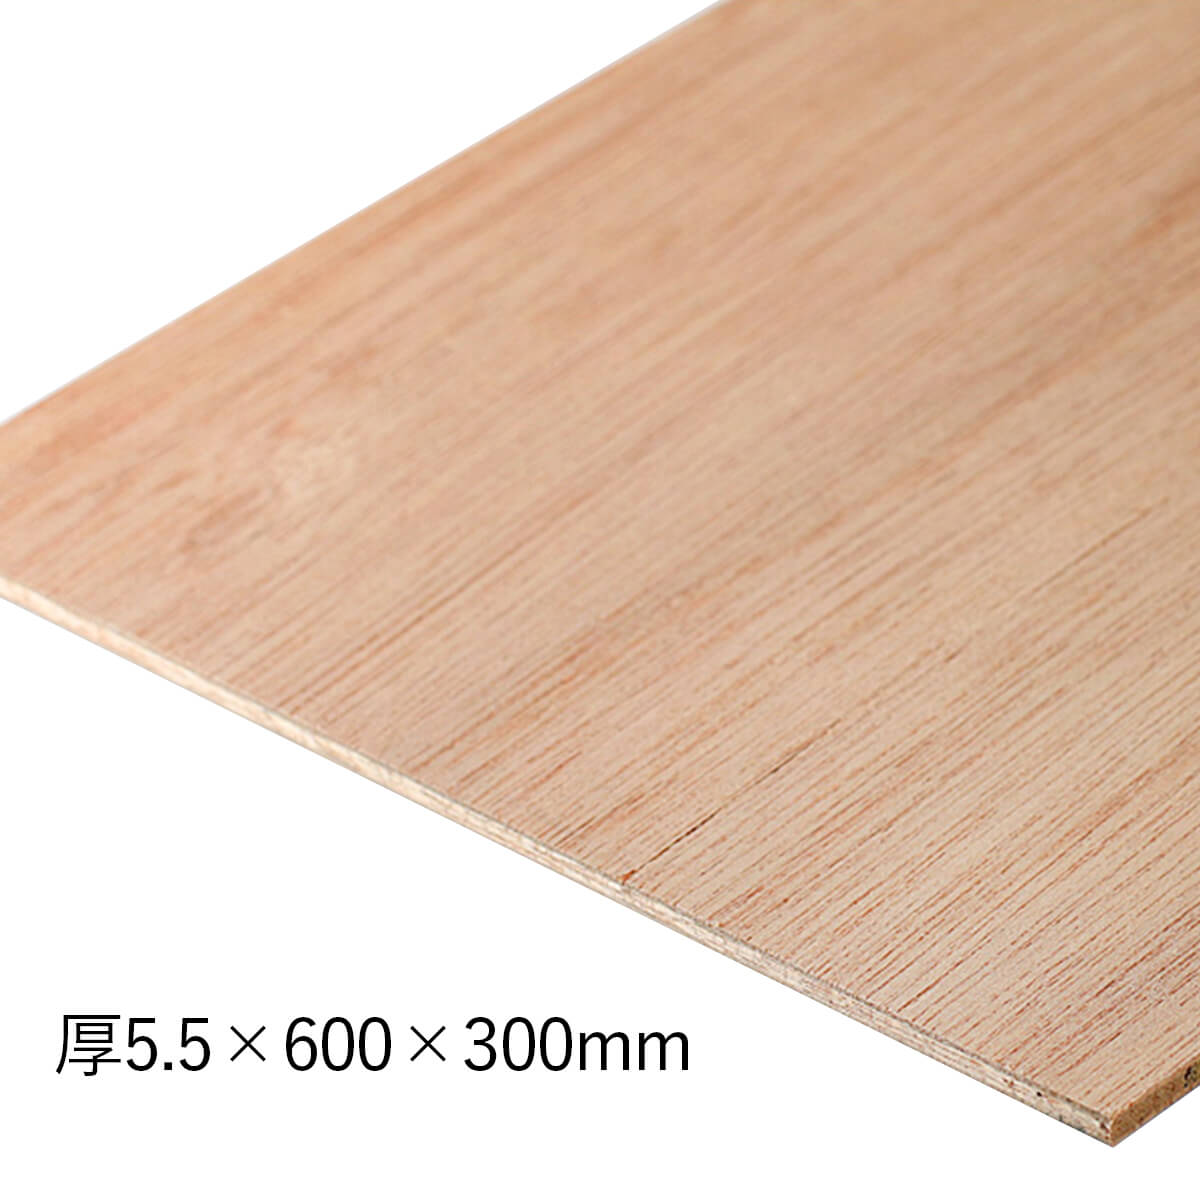 ベニヤ板 合板 5.5x600x300(mm)